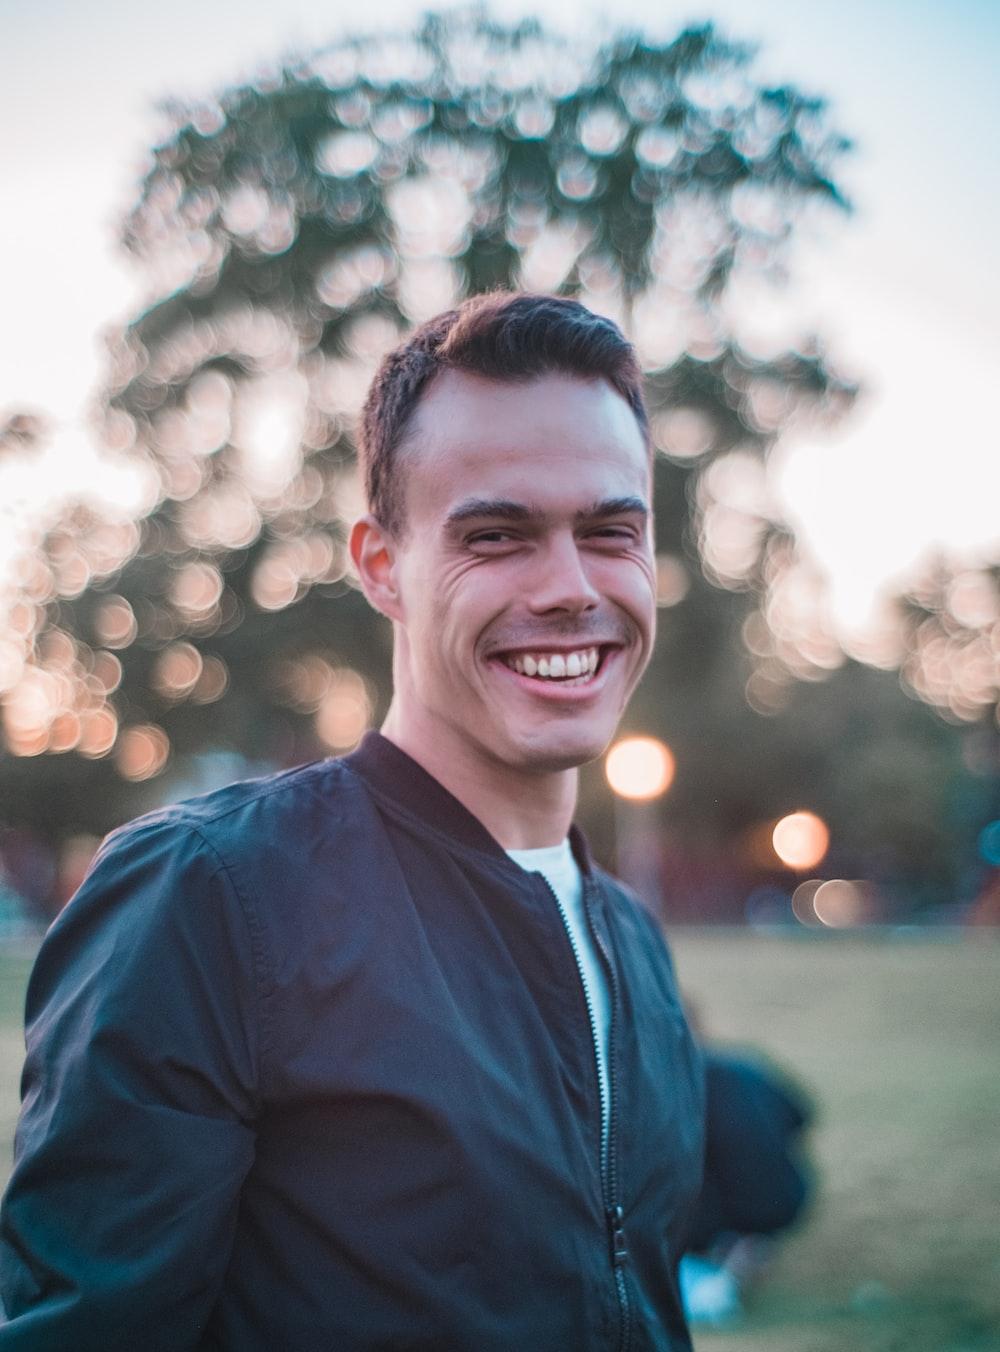 man in black top taking selfie outdoors